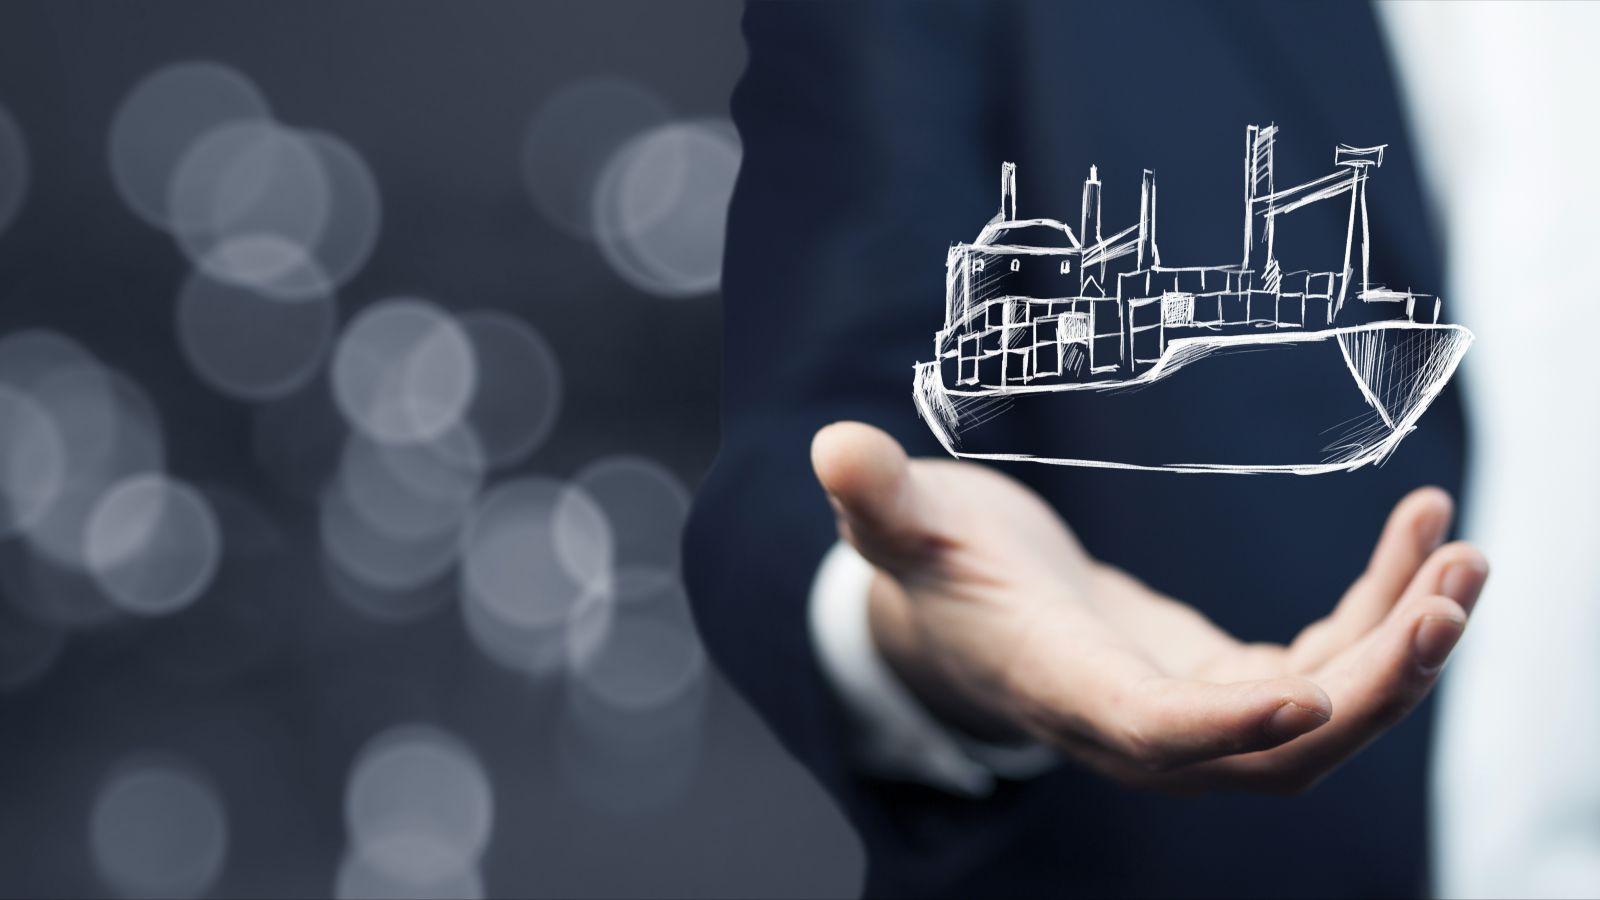 Gezeichnetes Symbol eines Schiffs schwebt über der Hand eines Geschäftsmannes